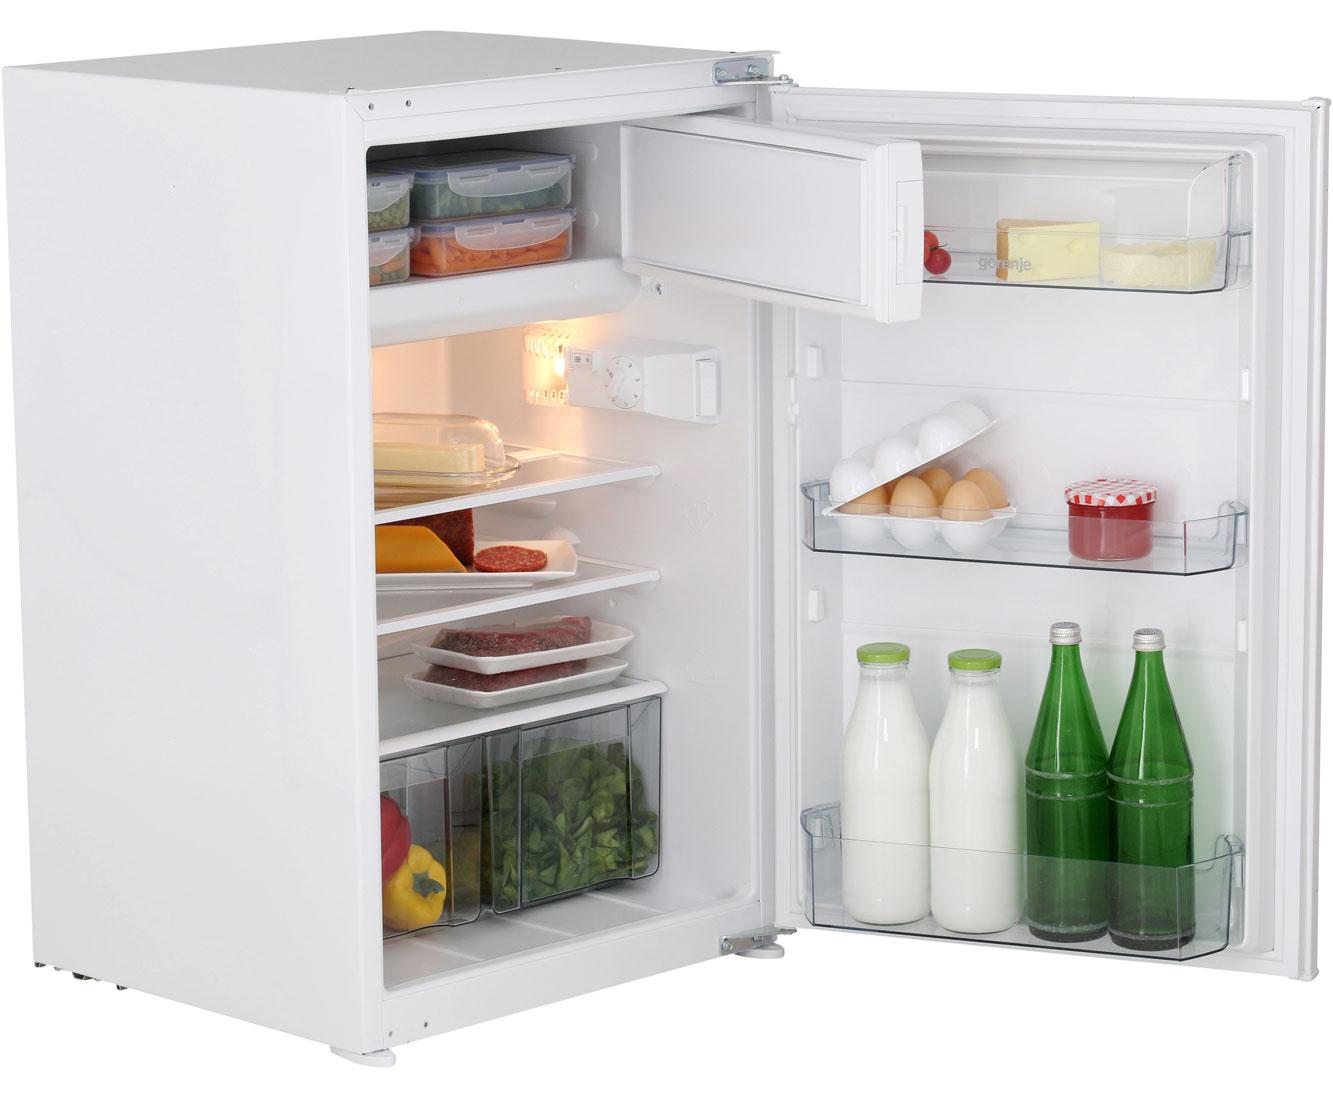 Gorenje Kühlschrank Test : Kühlschrank gorenje: privileg kühlschrank mit kleinen gefrierfach in